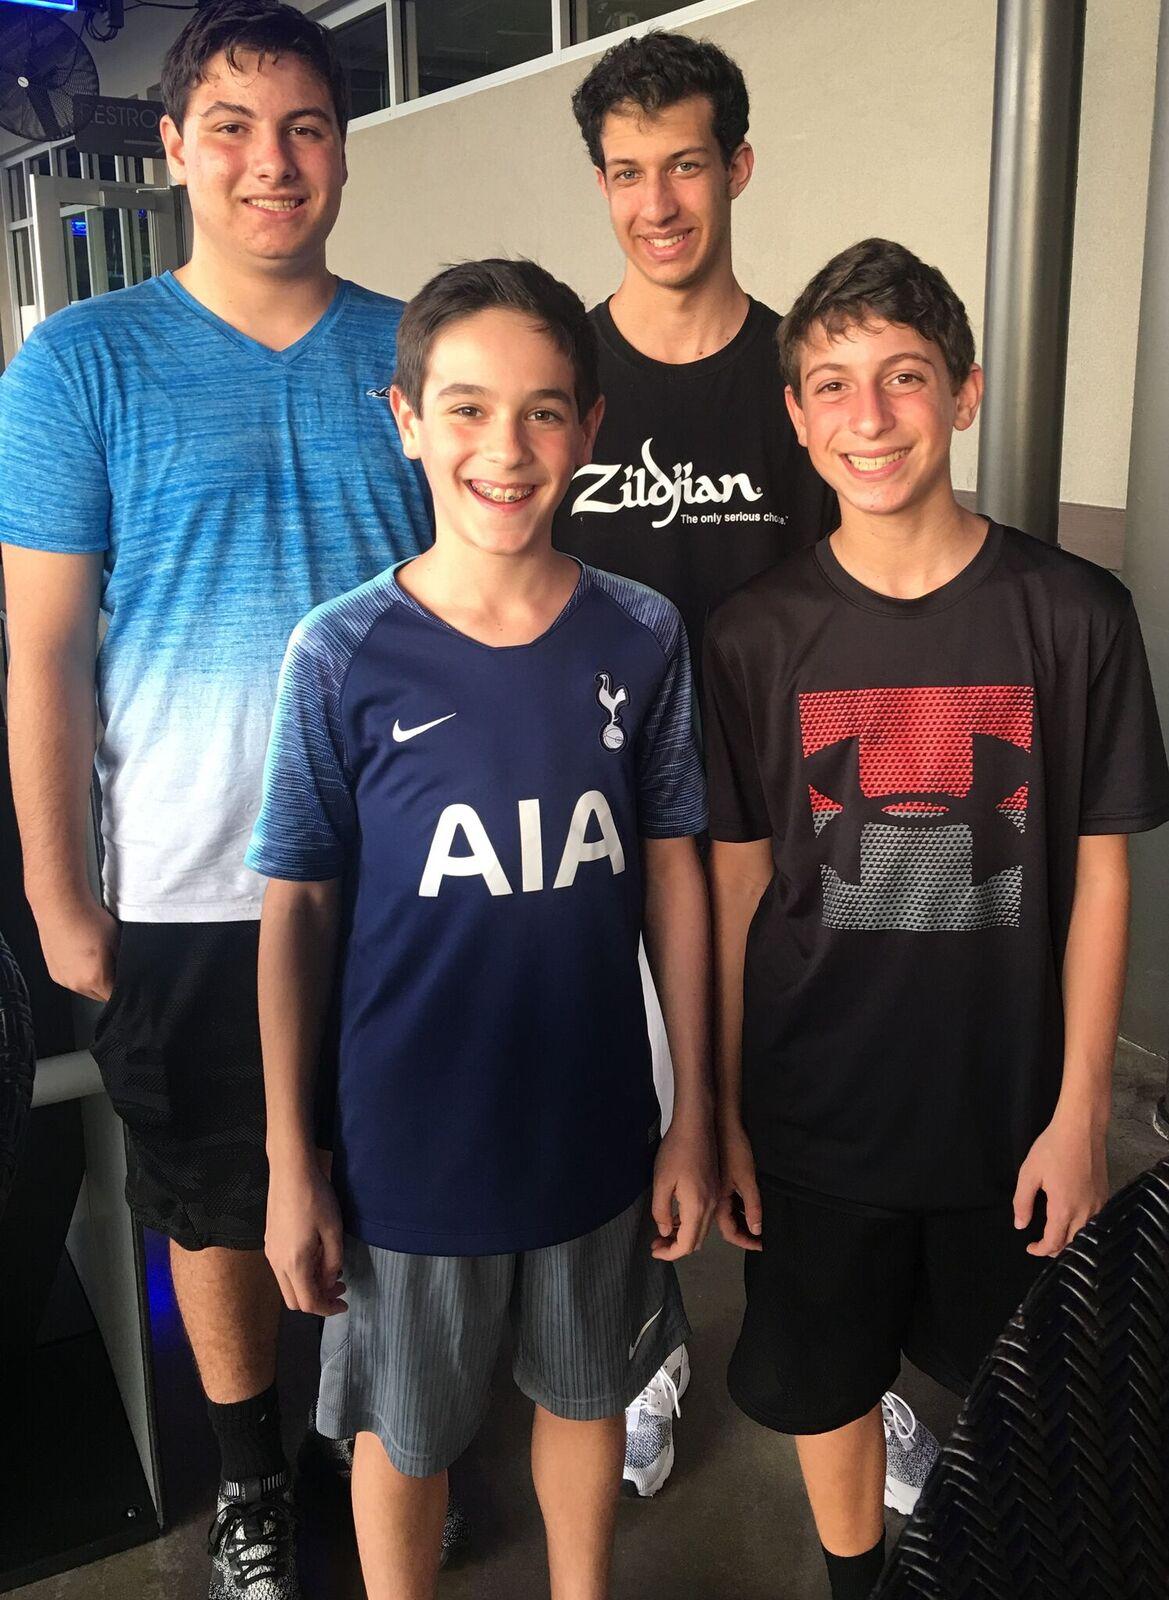 Jared, Landon, Ryan & Asher